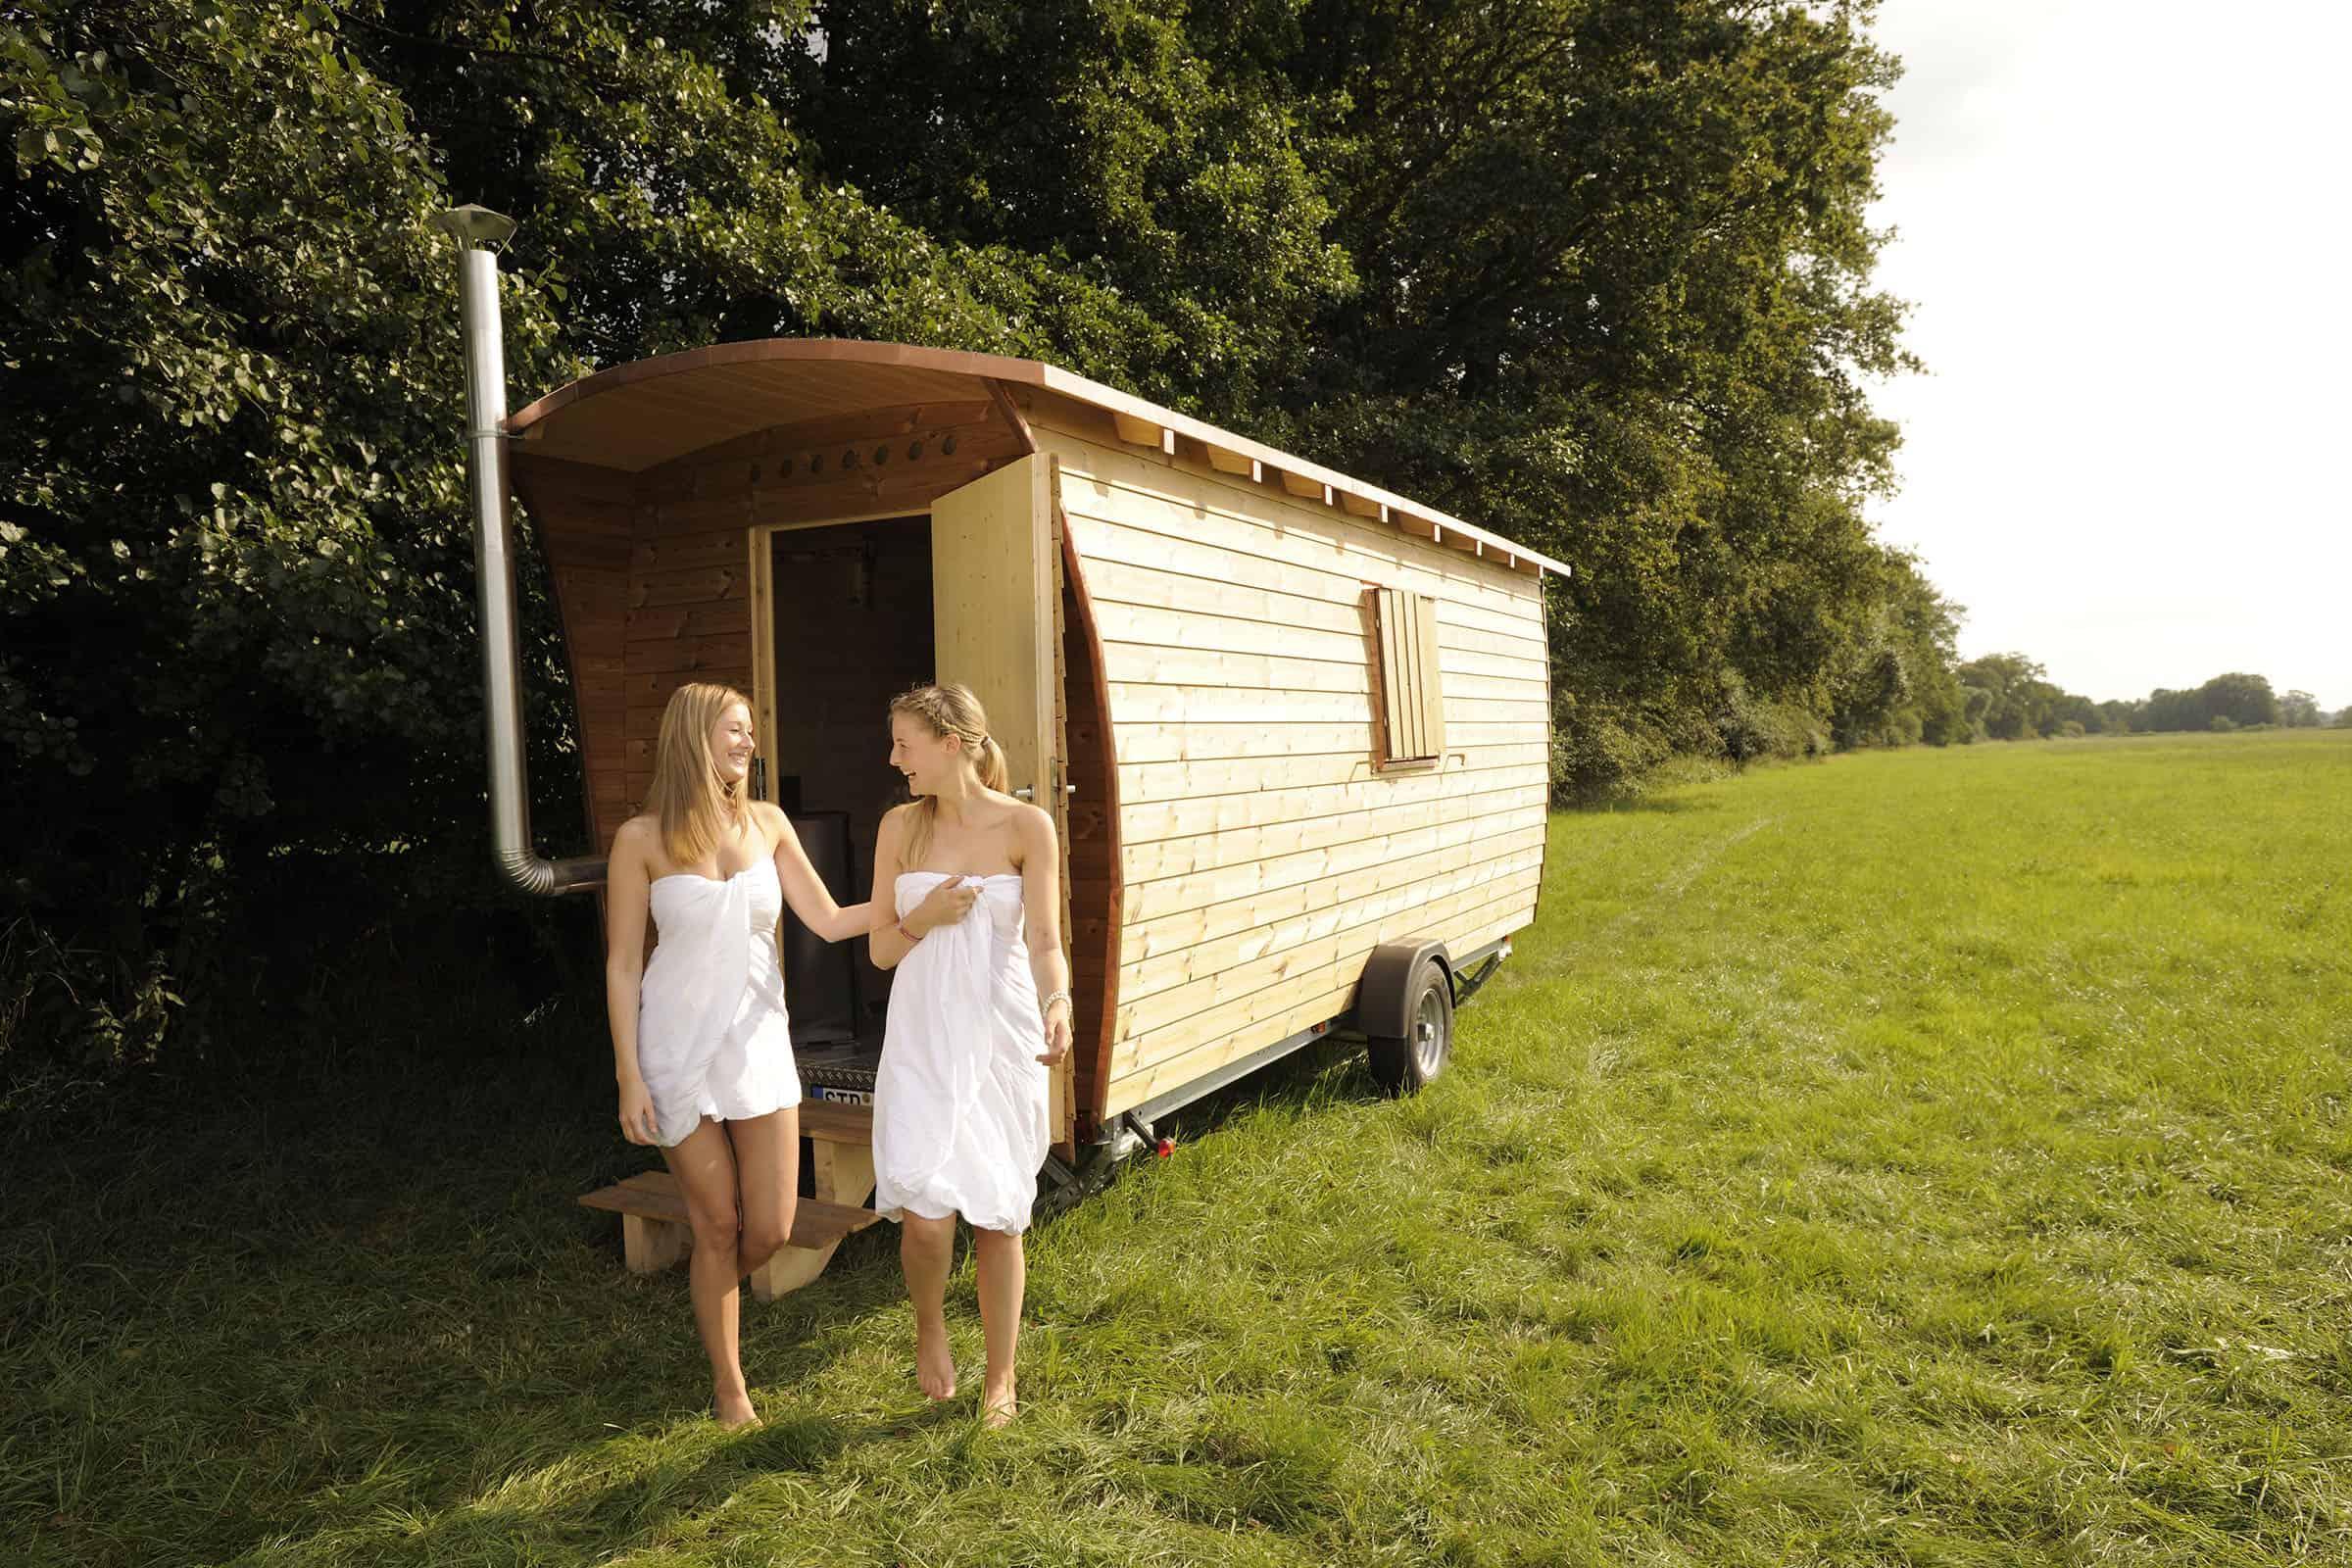 Tannhaeuschen-saunen-in-der-natur